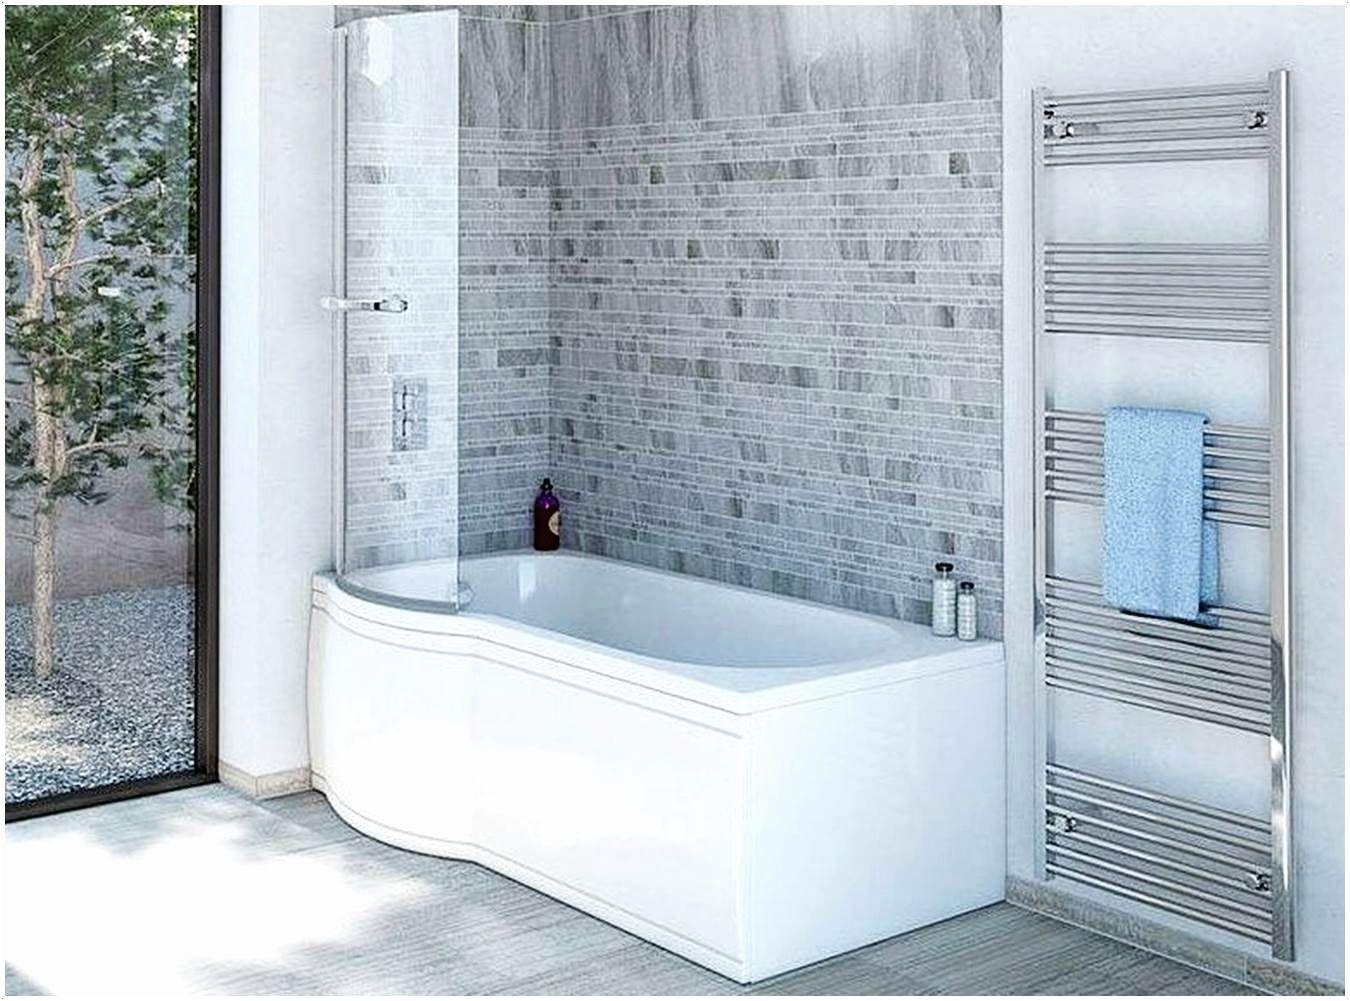 Mietwohnung Badewanne Gegen Dusche Tauschen Shower Bath Small Bathroom Standing Shower